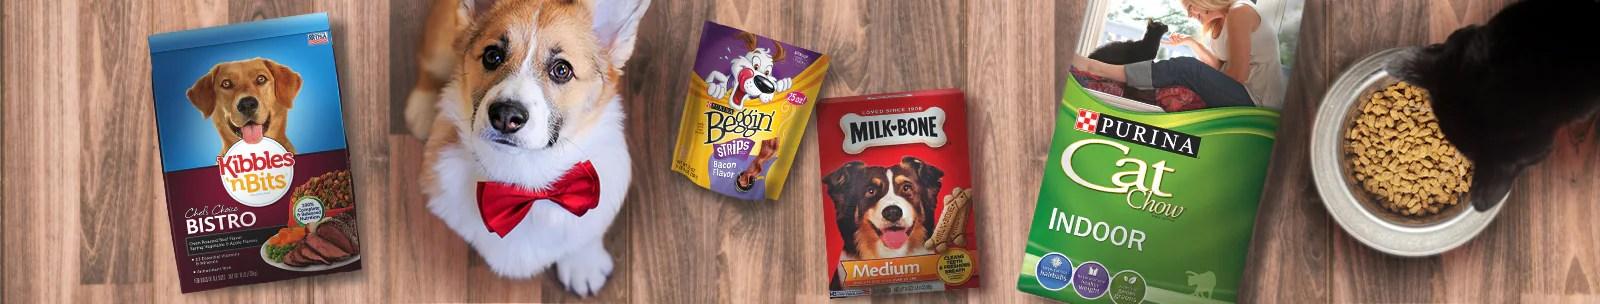 fred meyer pet food